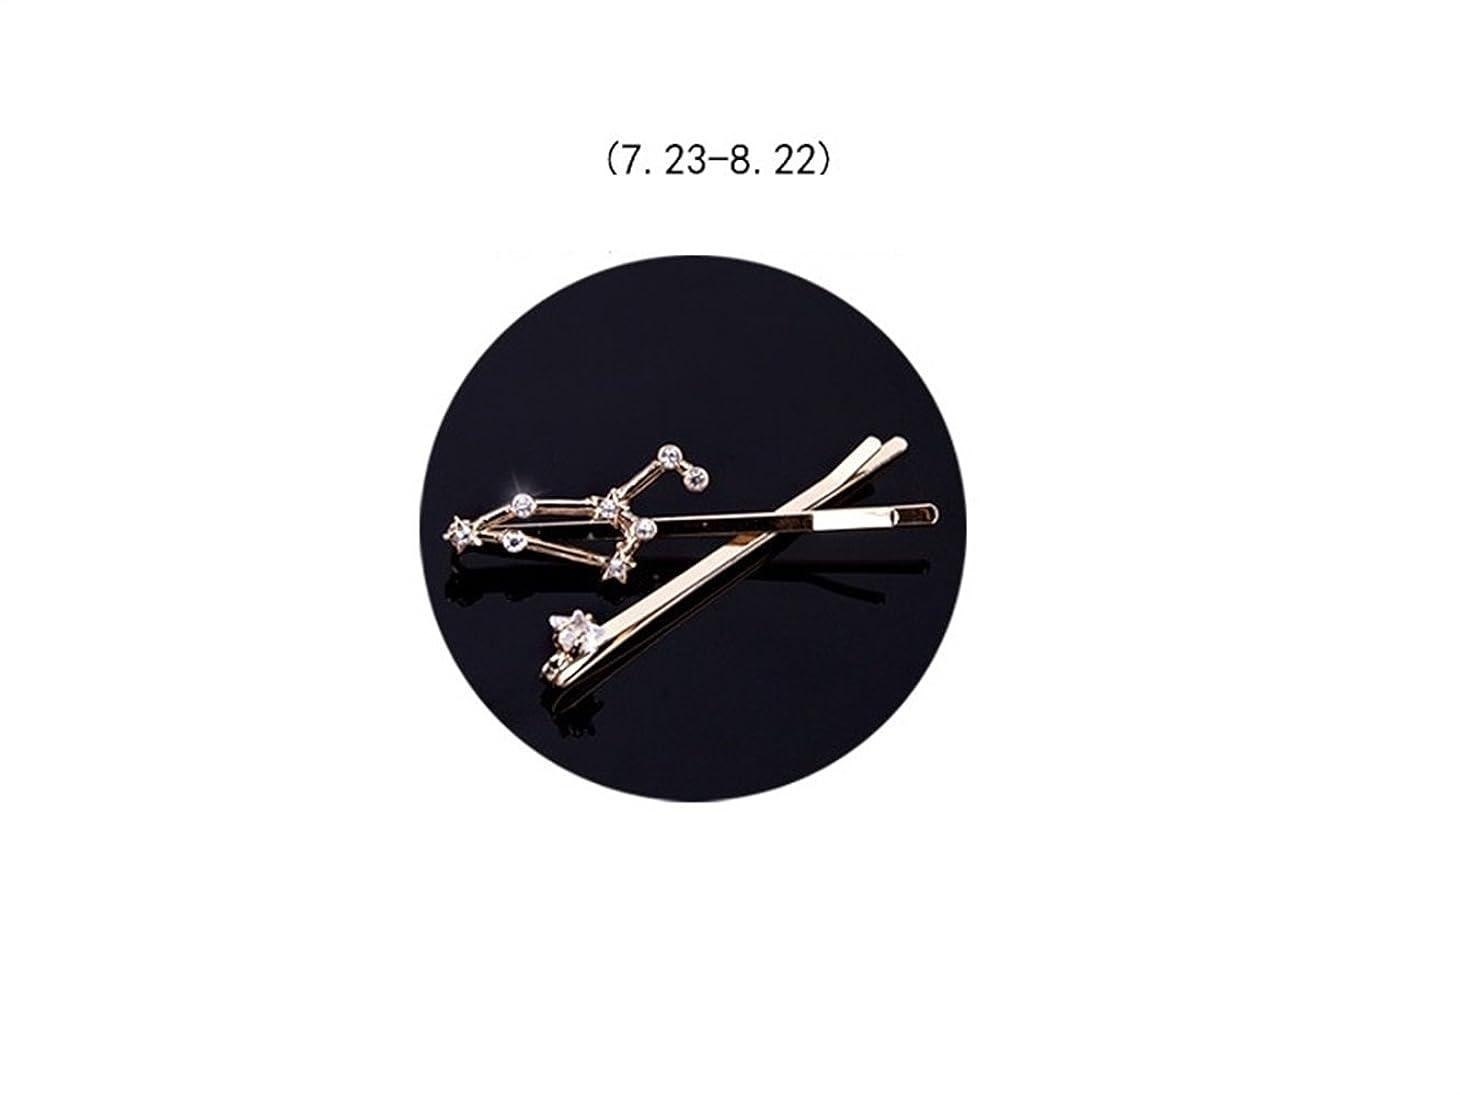 コンクリートゆるく反論者Osize 美しいスタイル 12コンステレーションダイヤモンドジュエリーサイドクリップヘアピンヘアクリップセット(レオ)